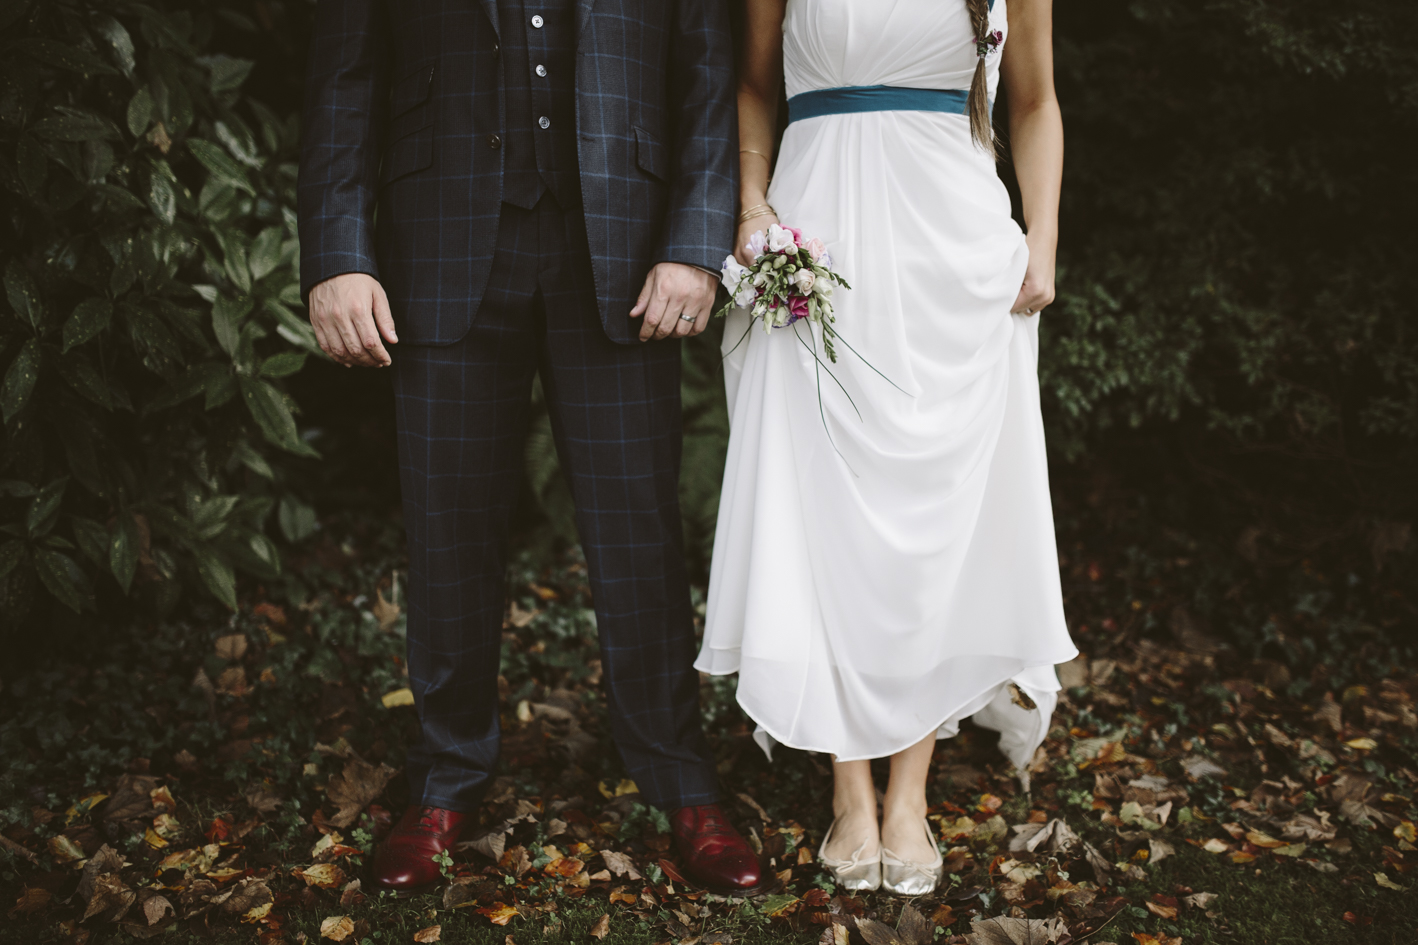 Wedding photographer Ireland Graciela Vilagudin 847.jpg